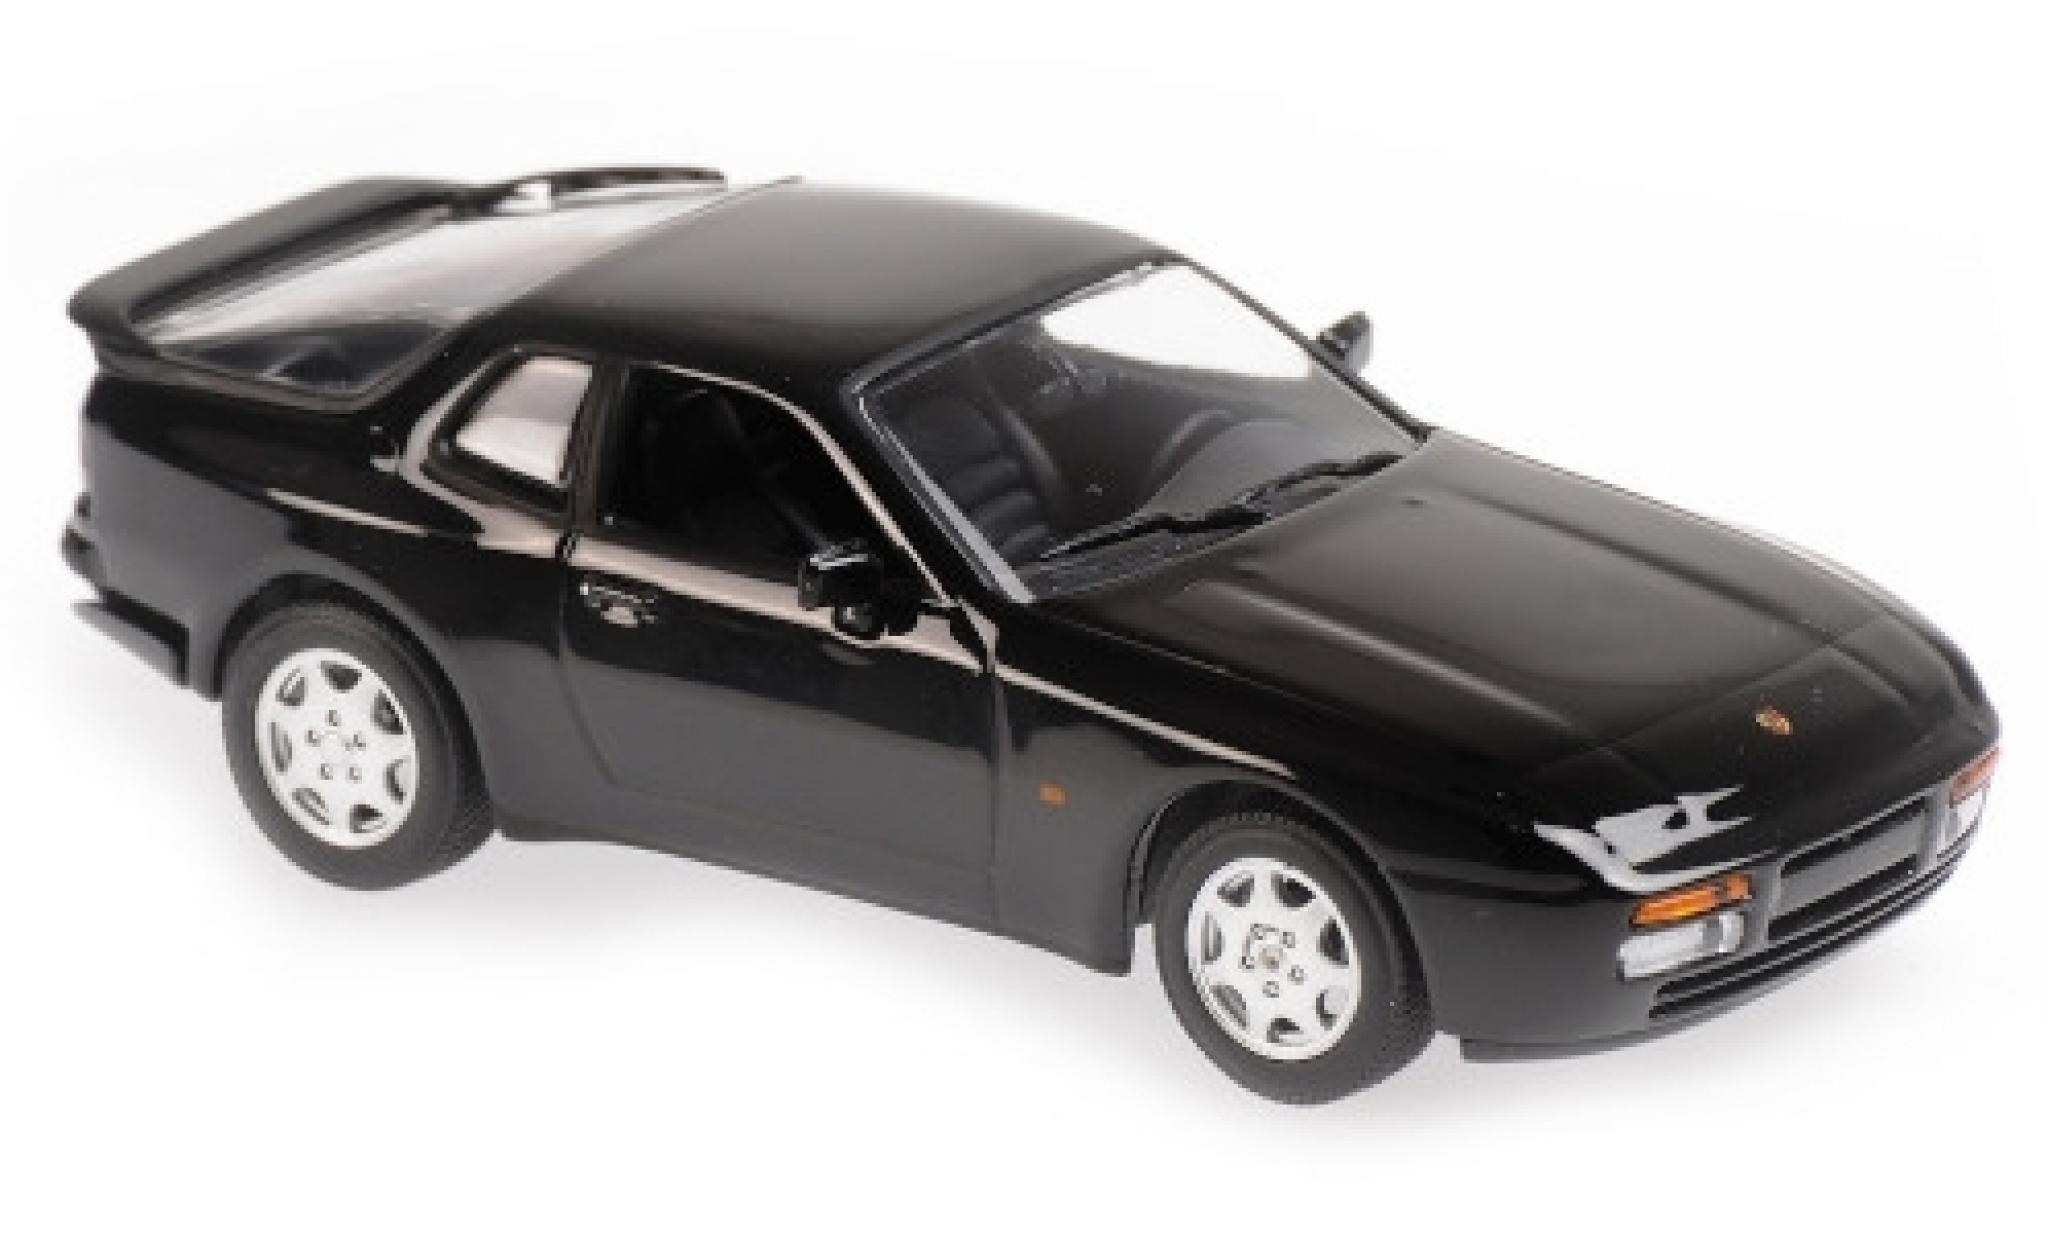 Porsche 944 1/43 Maxichamps S2 noire 1989